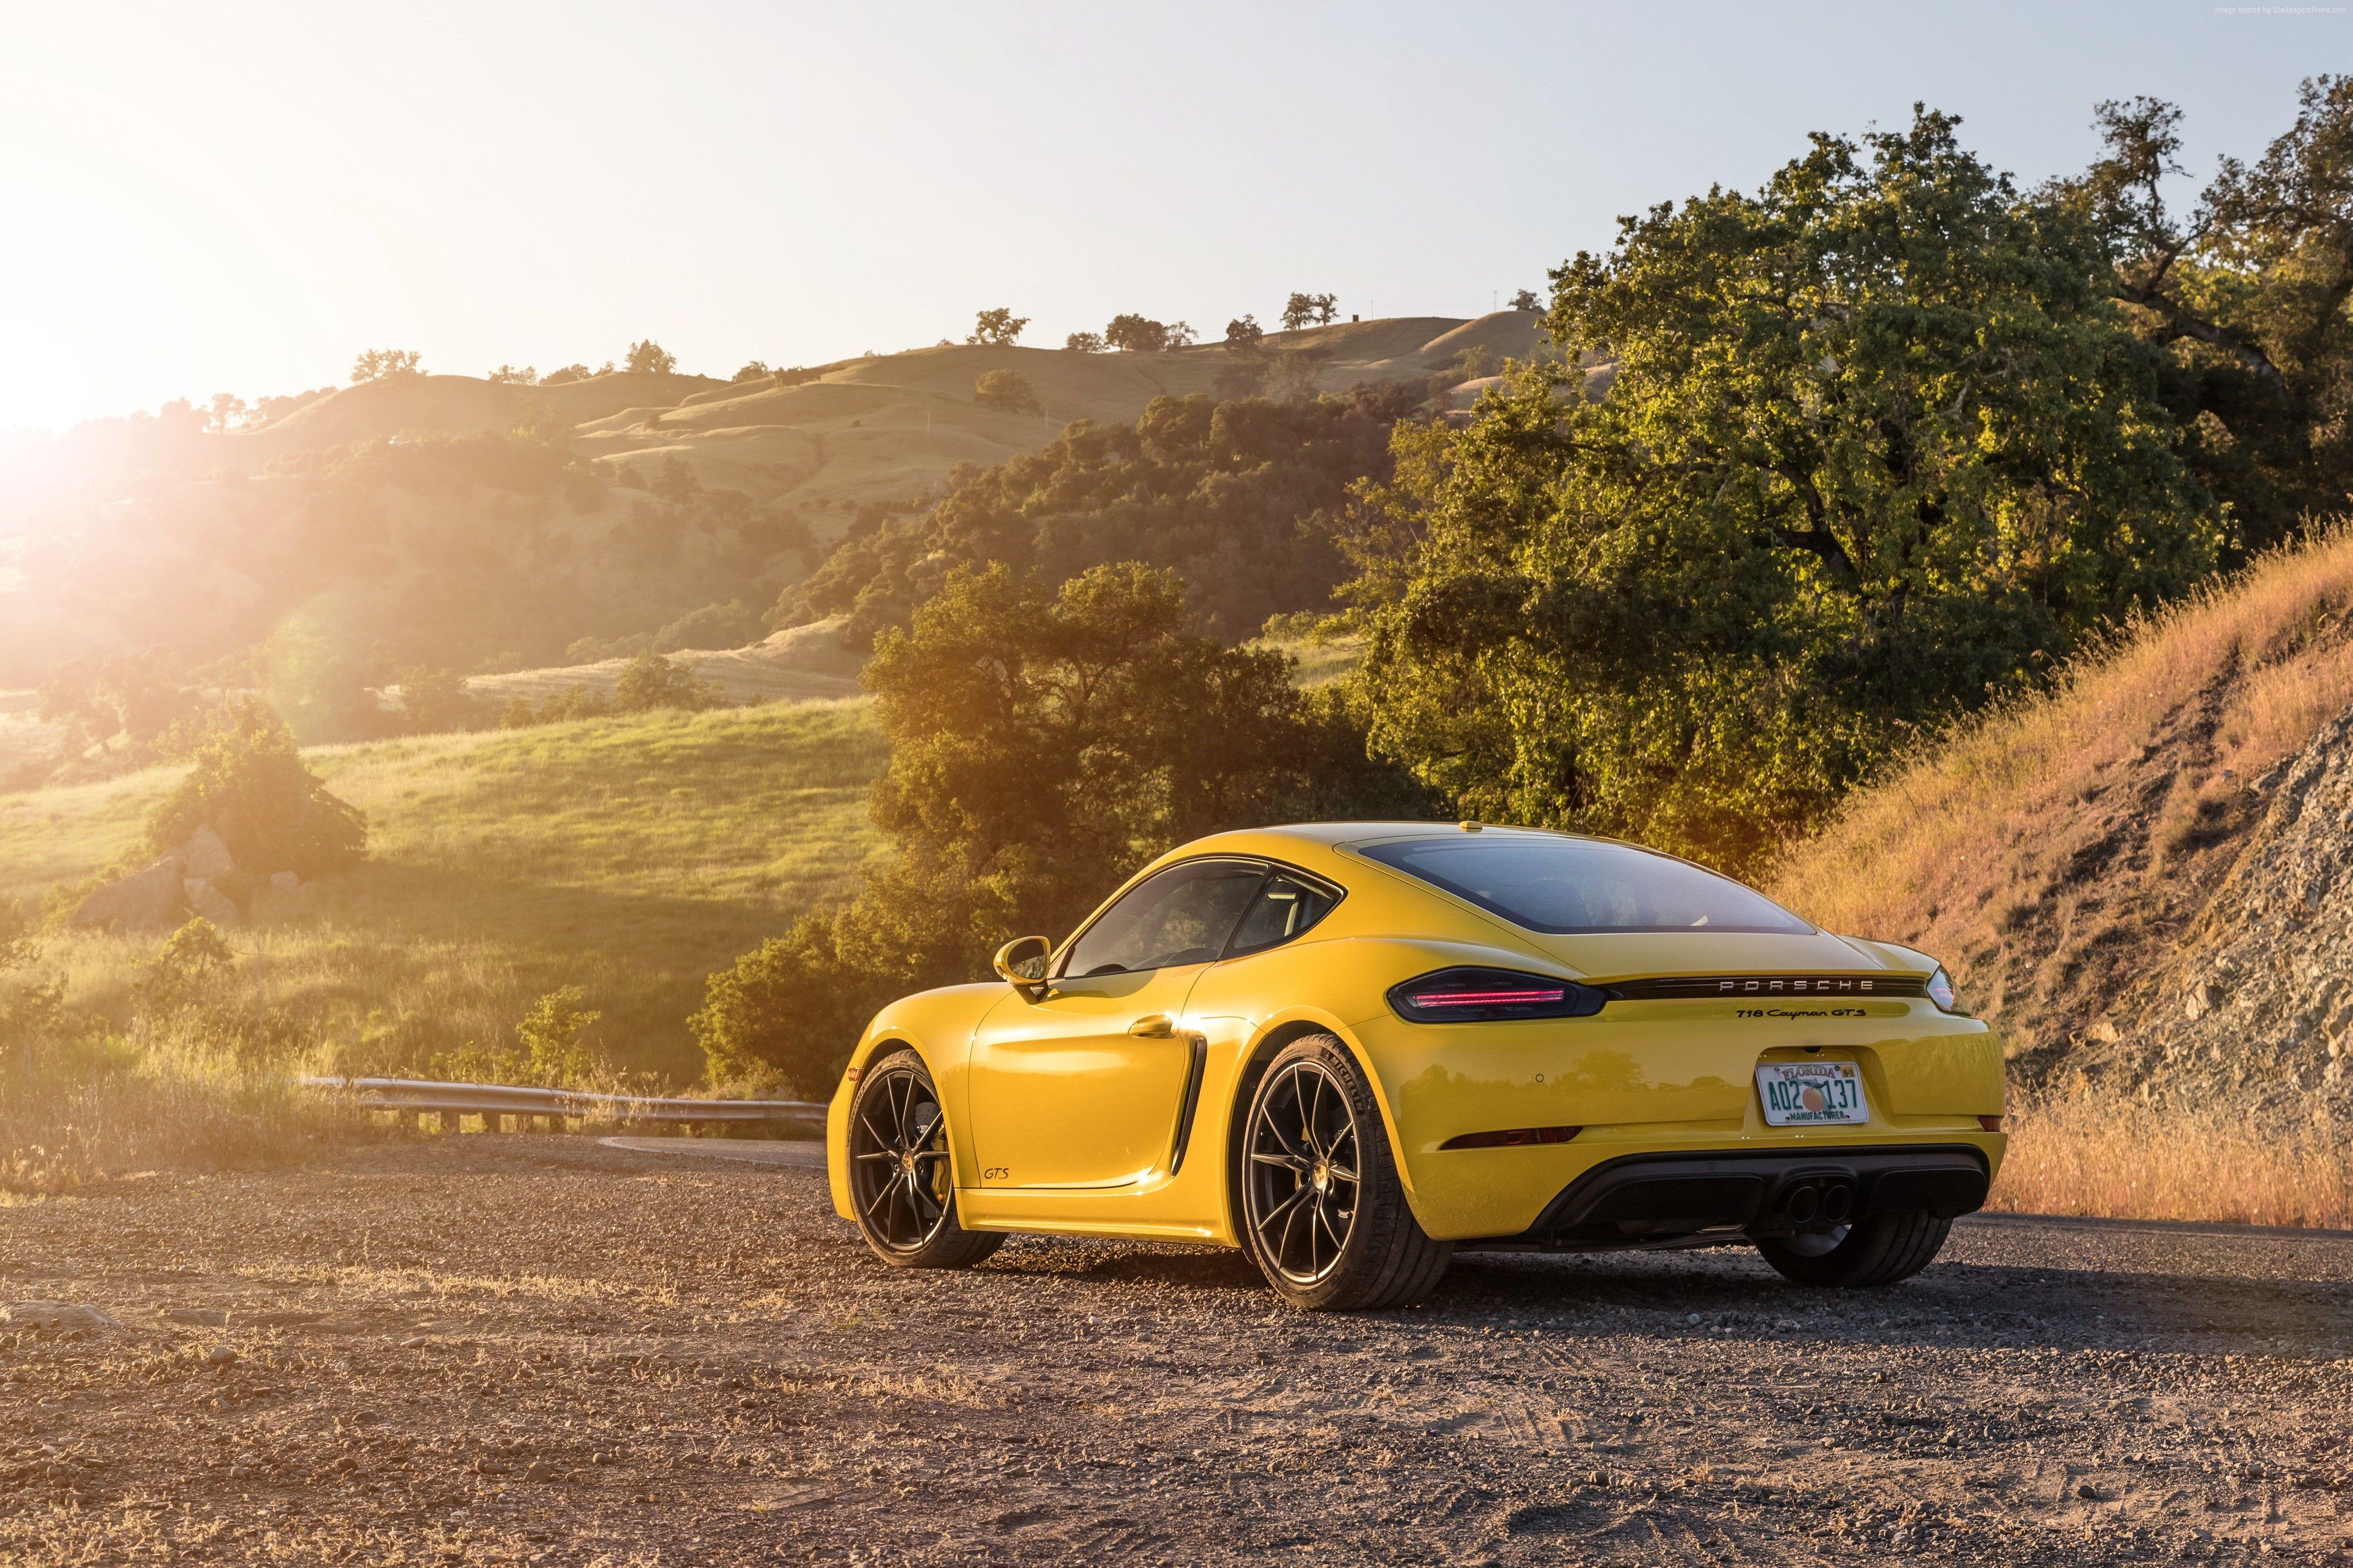 4k 2019 Cars Porsche 718 Cayman Gts 4k Wallpaper Hdwallpaper Desktop Best Luxury Sports Car Porsche 718 Cayman Gts Cayman Car